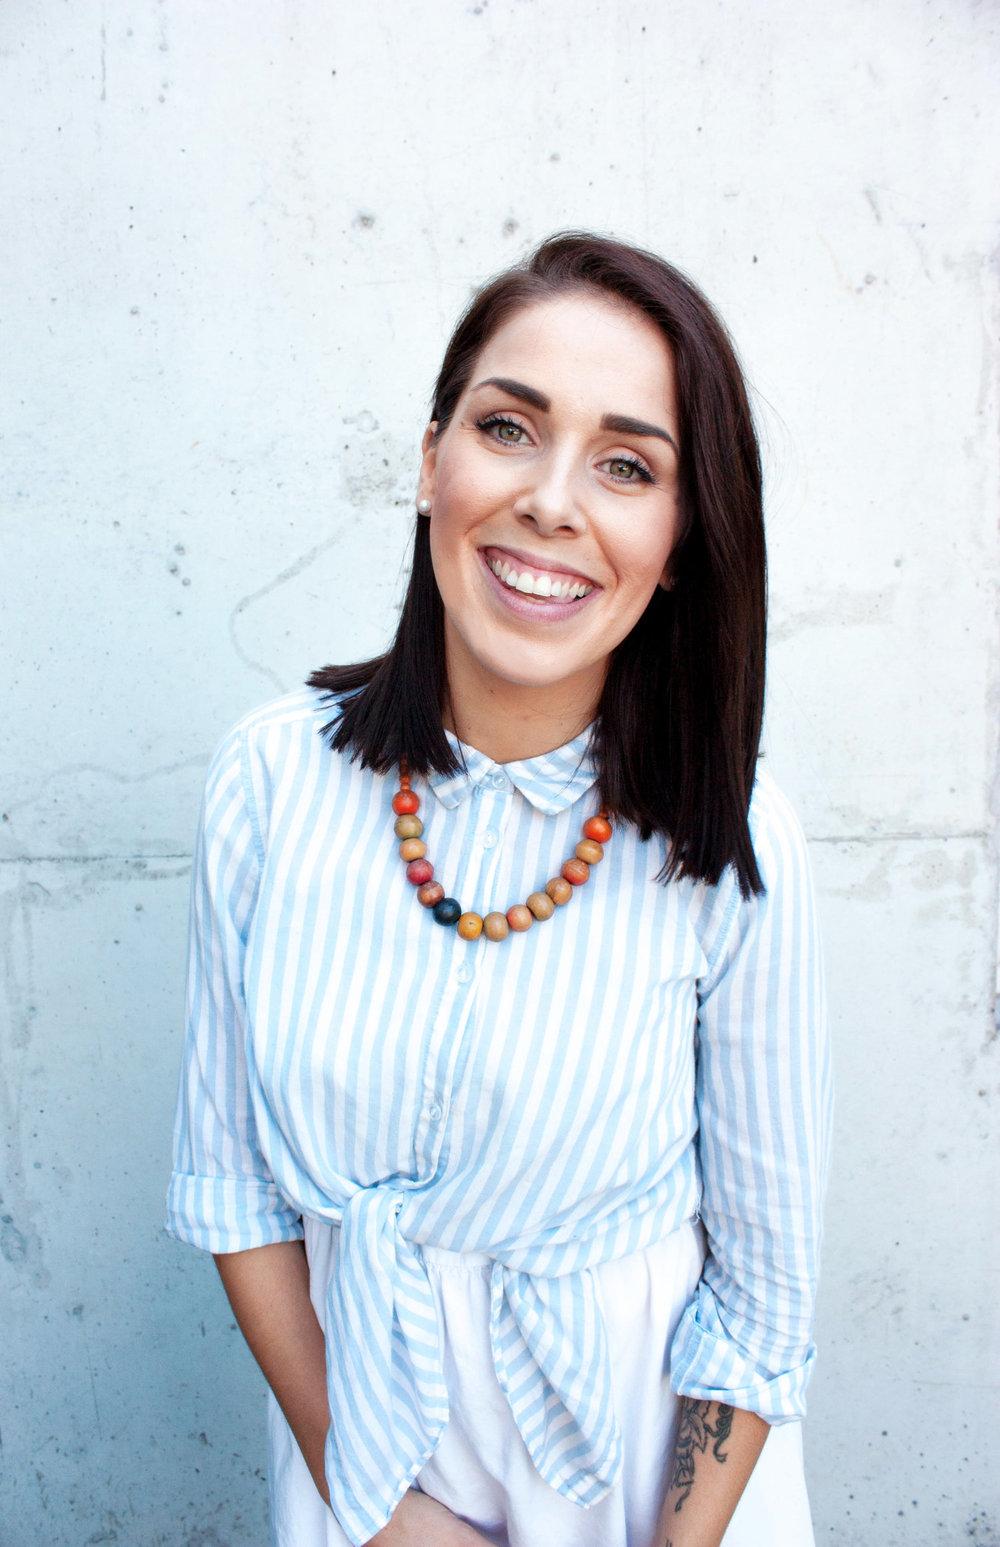 Katy Connan